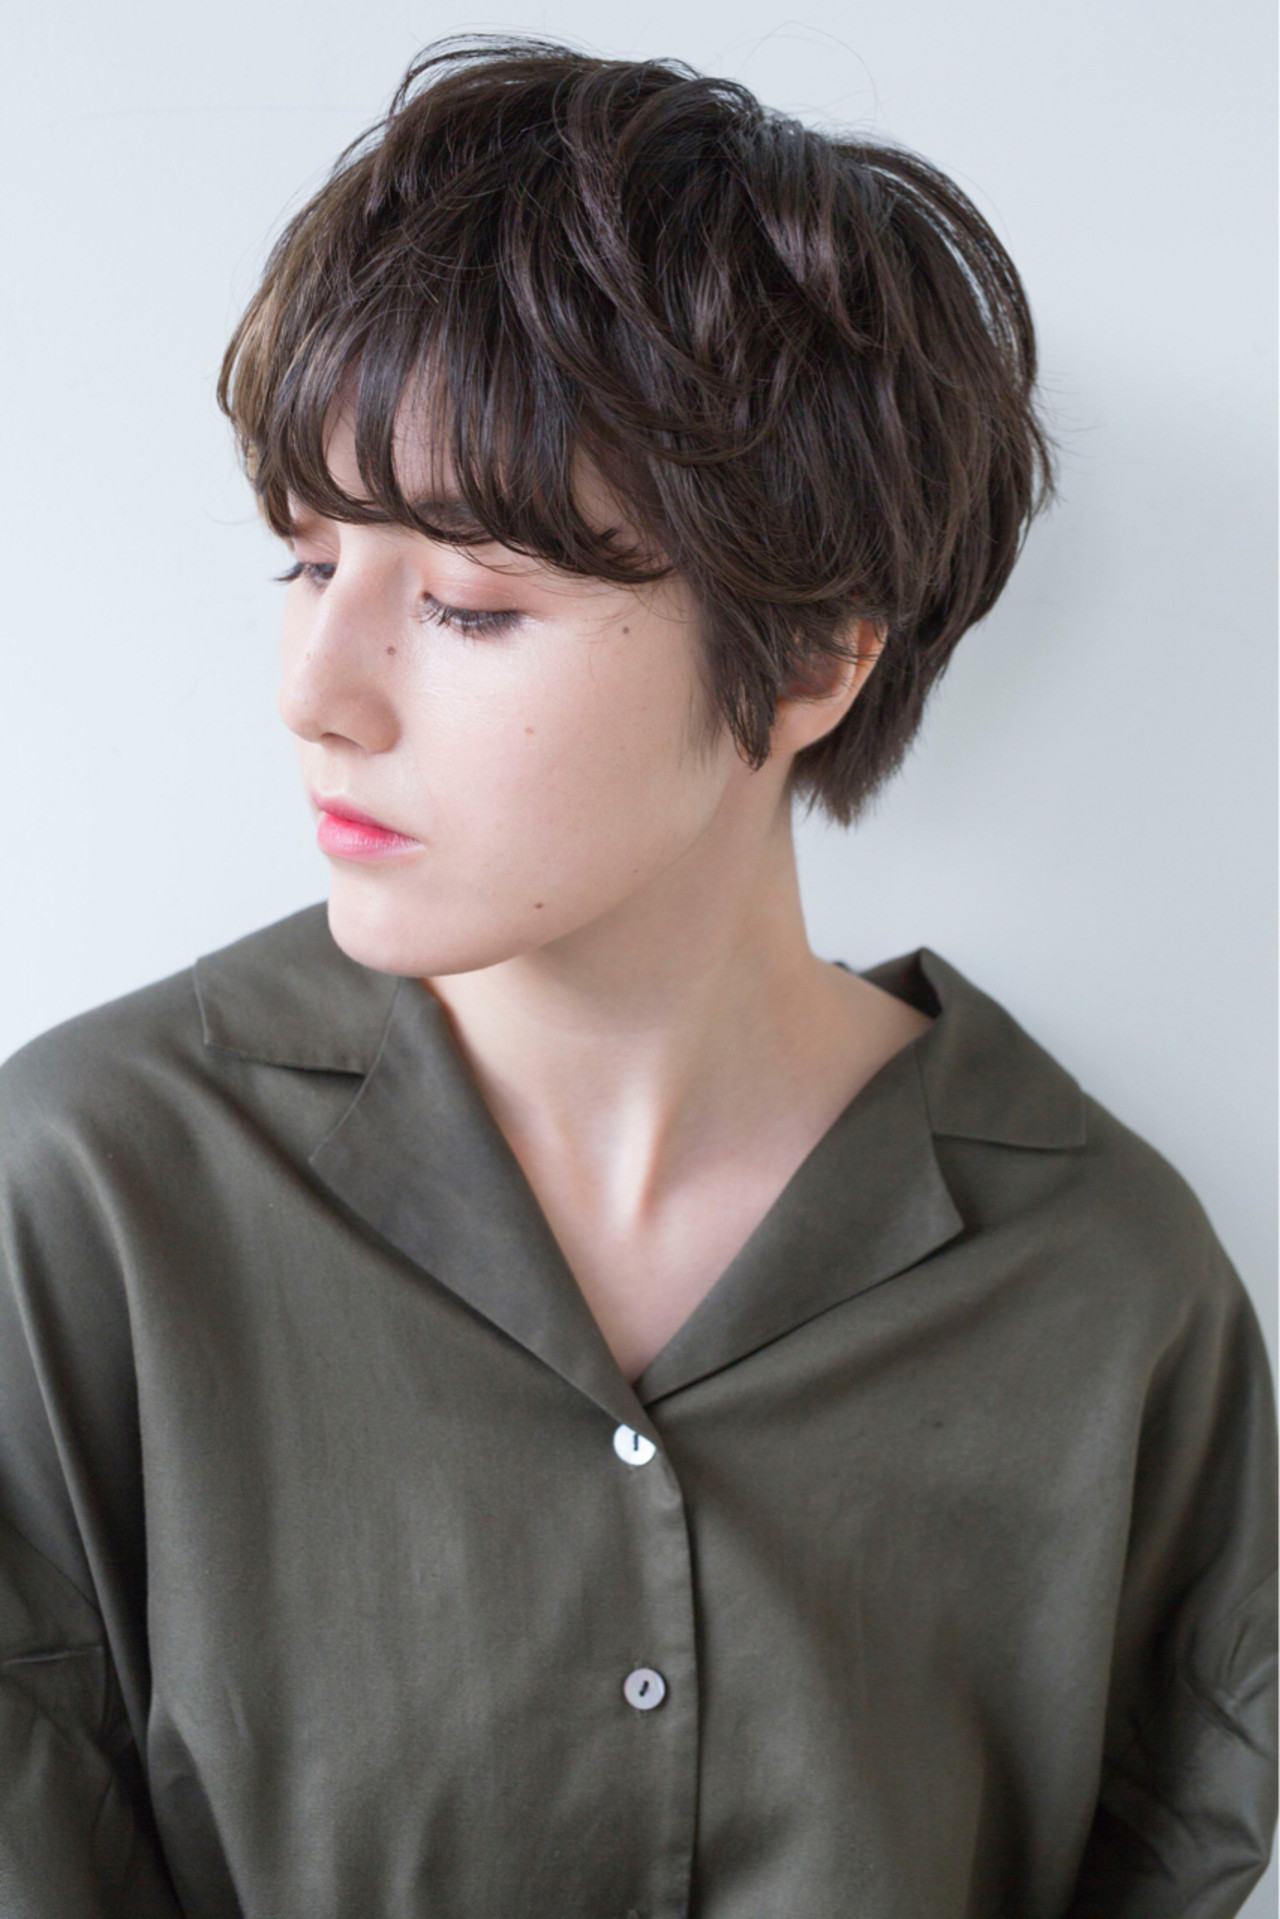 外国人風 ナチュラル ウェーブ 大人かわいい ヘアスタイルや髪型の写真・画像 | 渡辺 フミヤ / Cafune by Garland